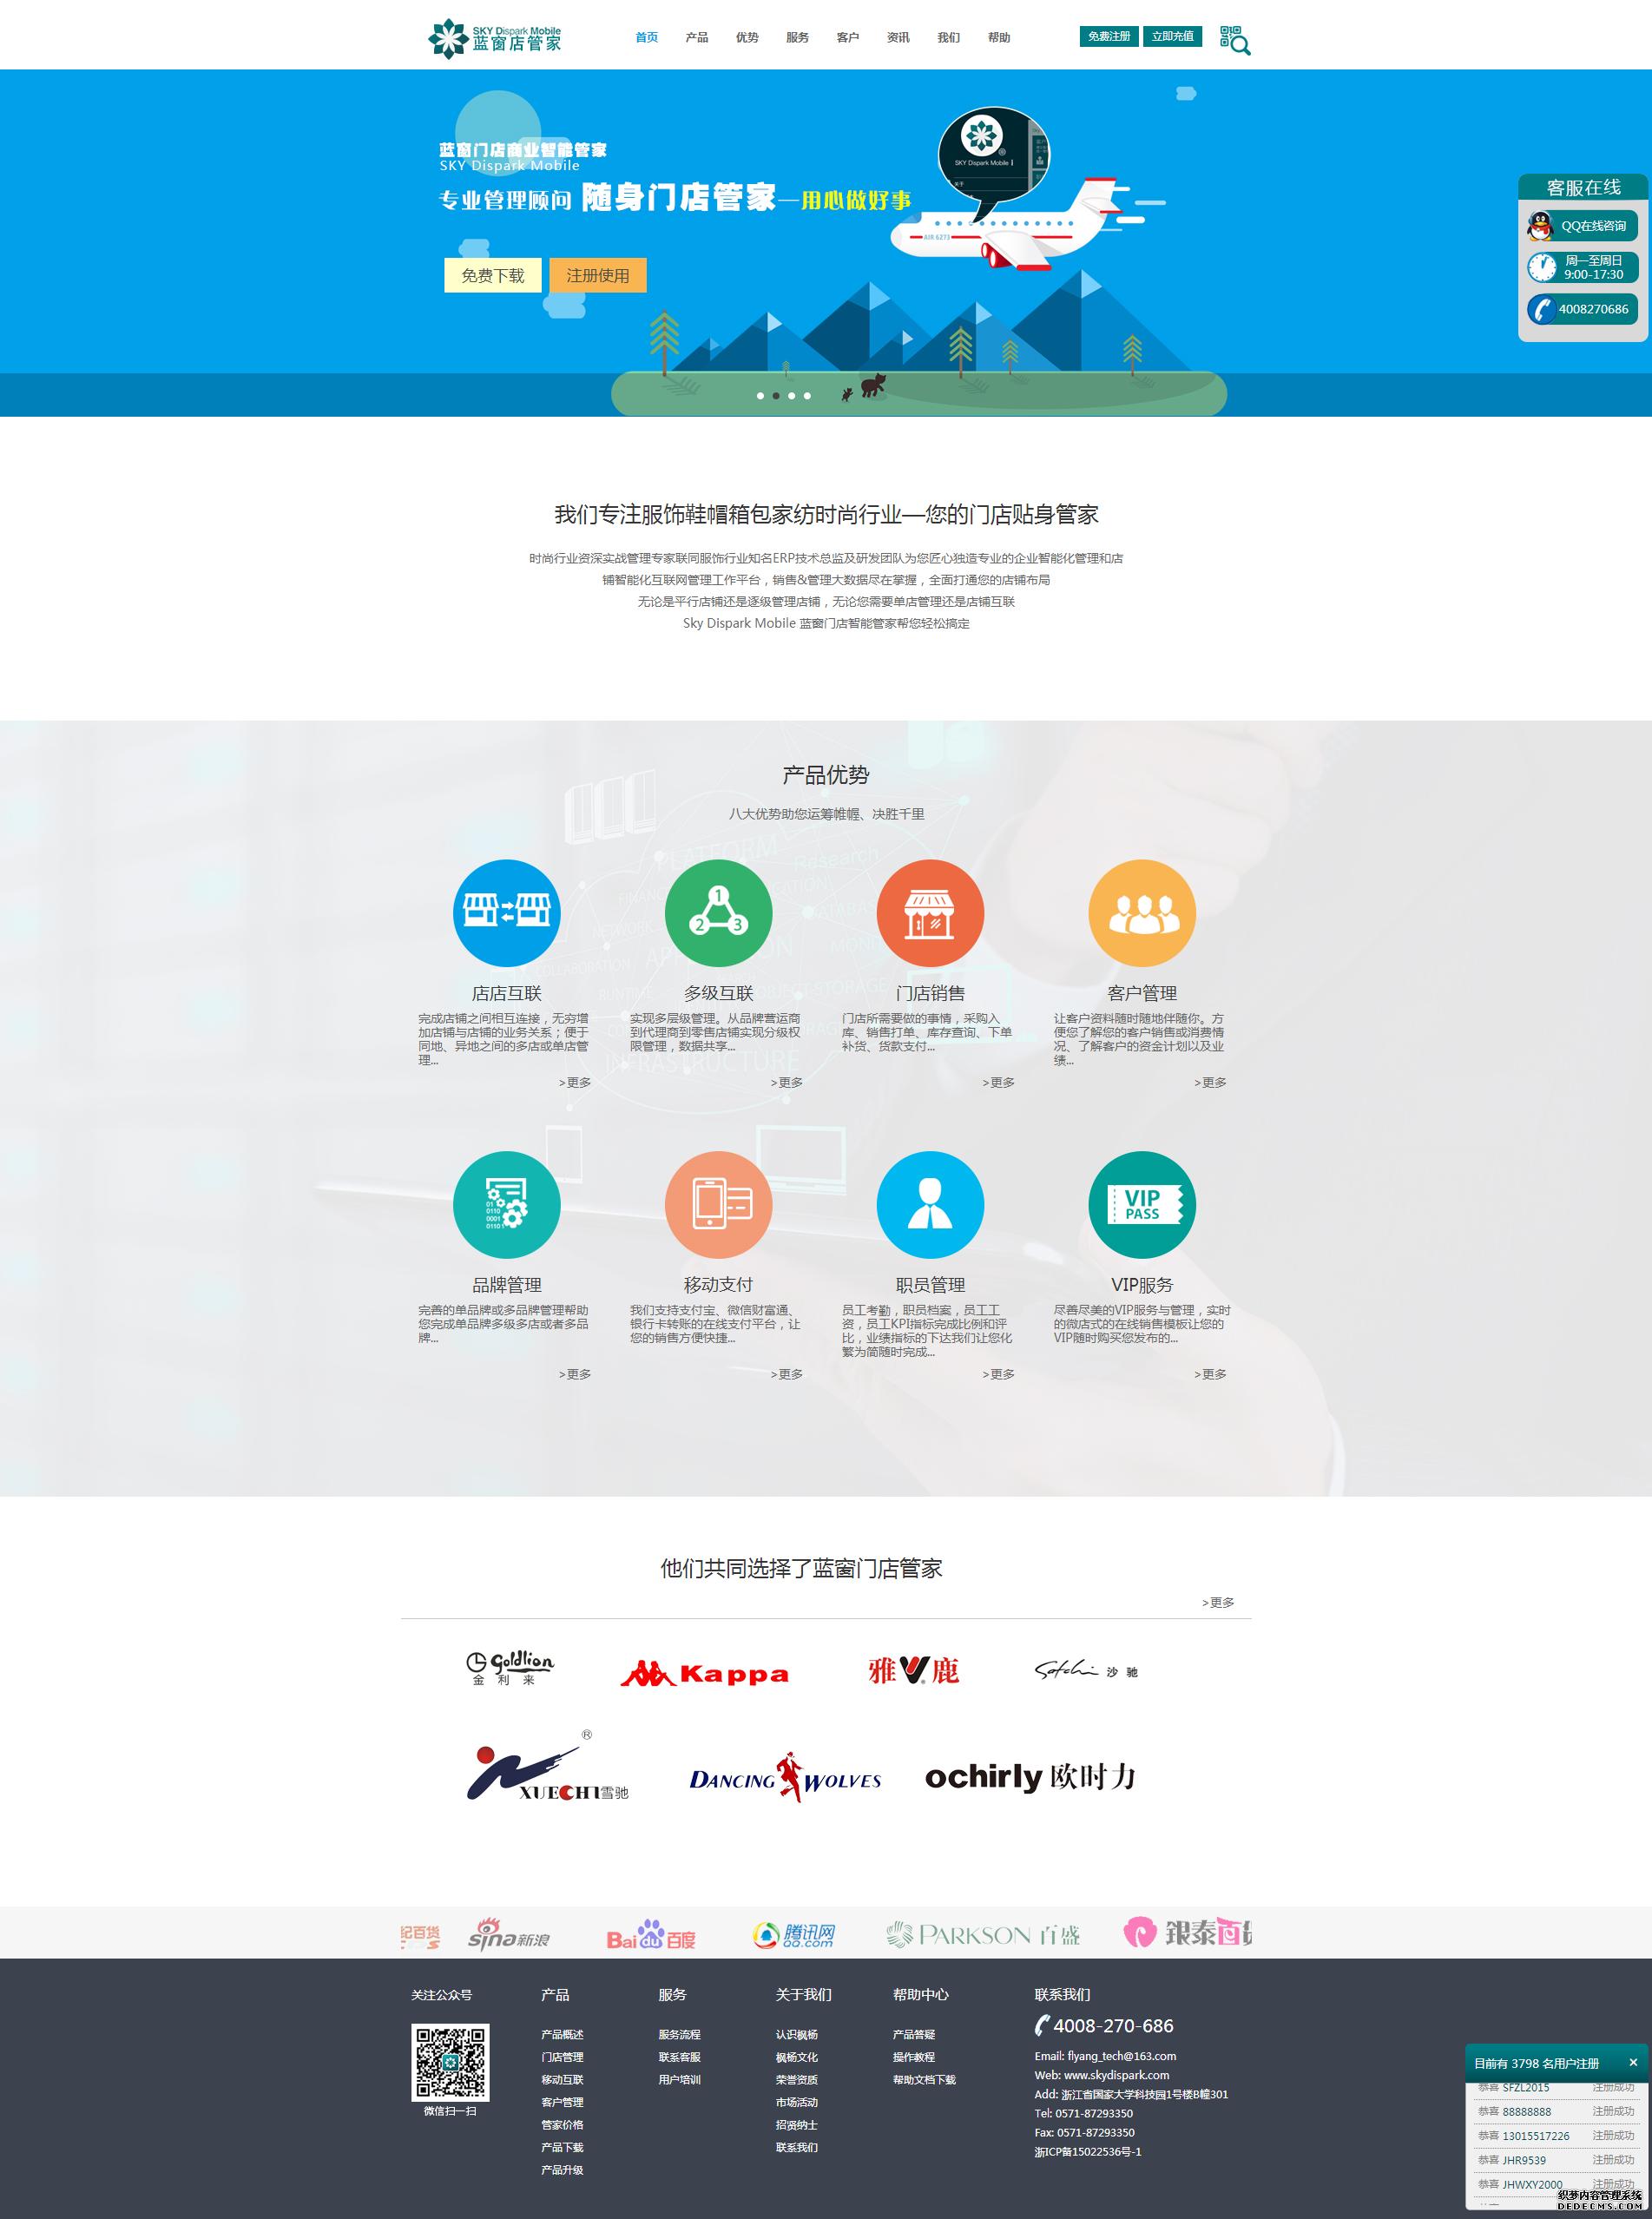 蓝窗门店商业智能管家-杭州盘网网站建设作品